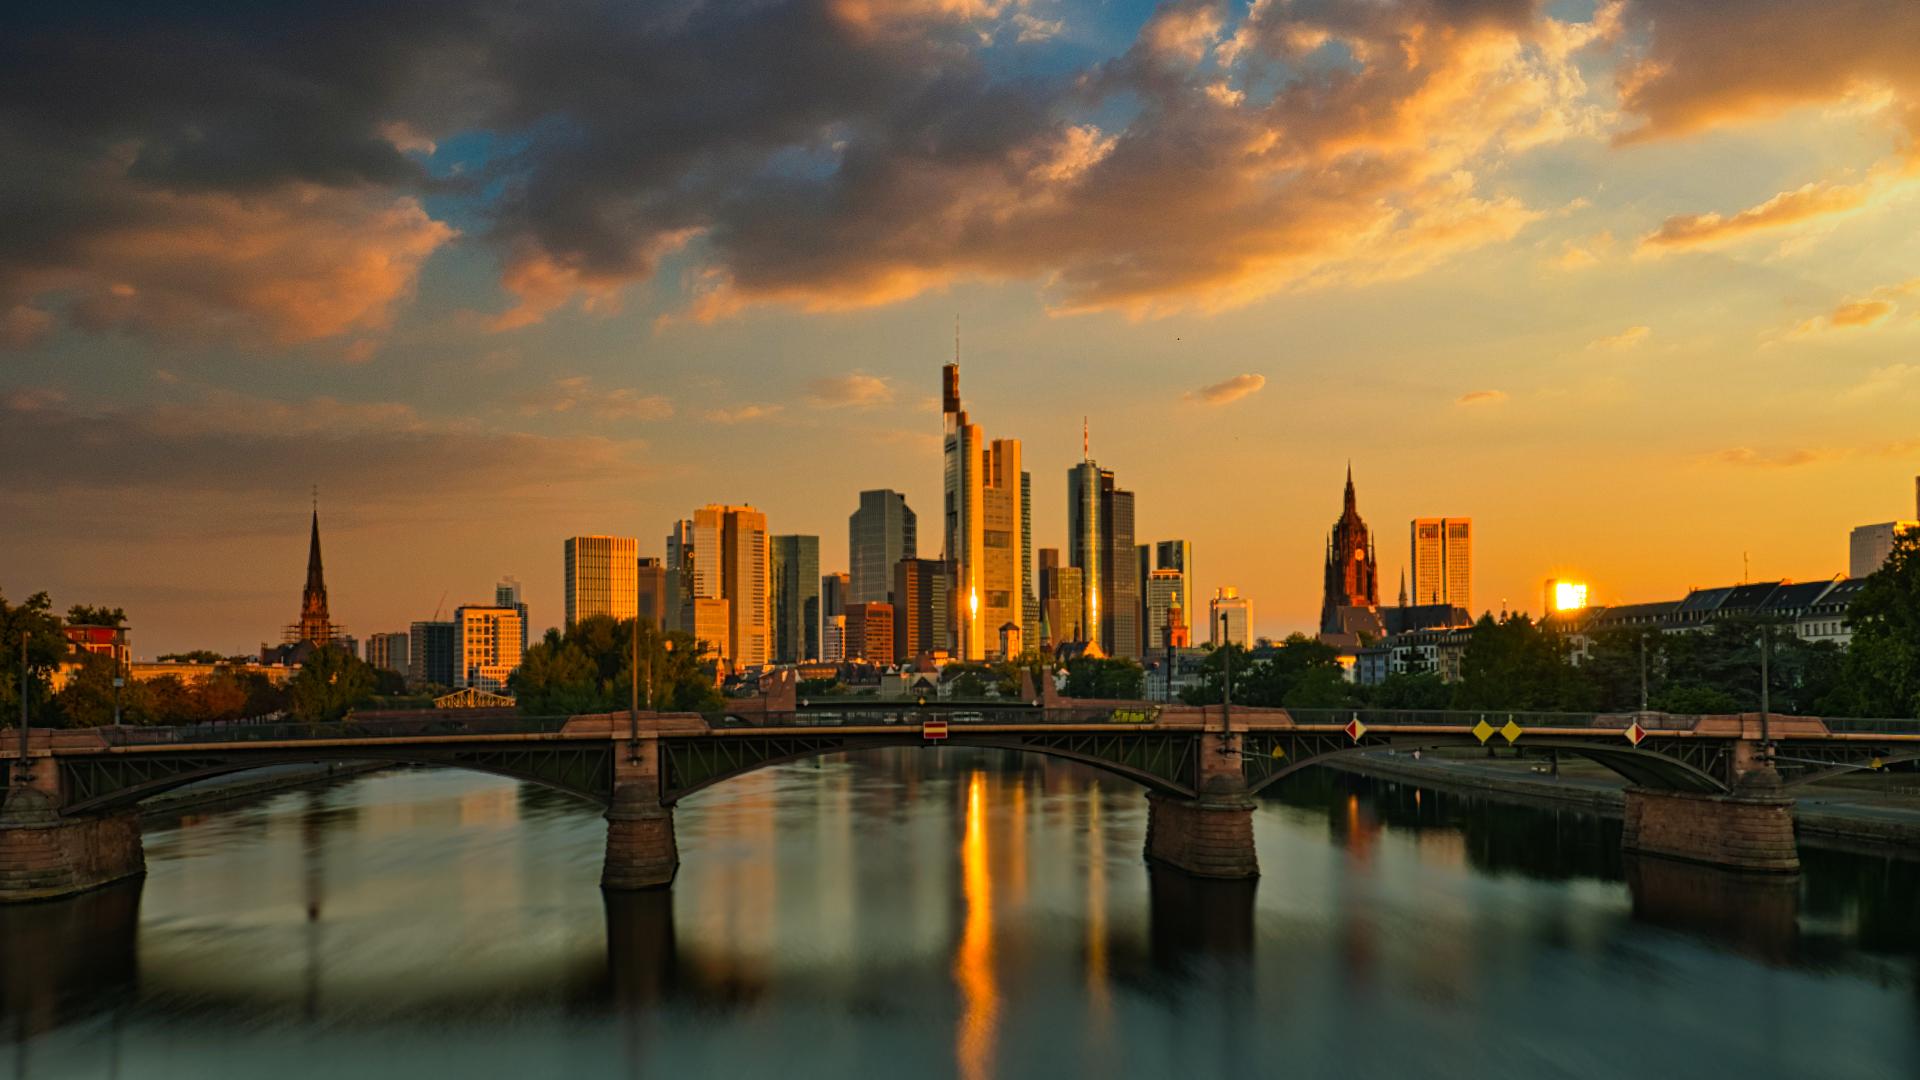 'Flößerbrücke' - Frankfurt am Main, Germany